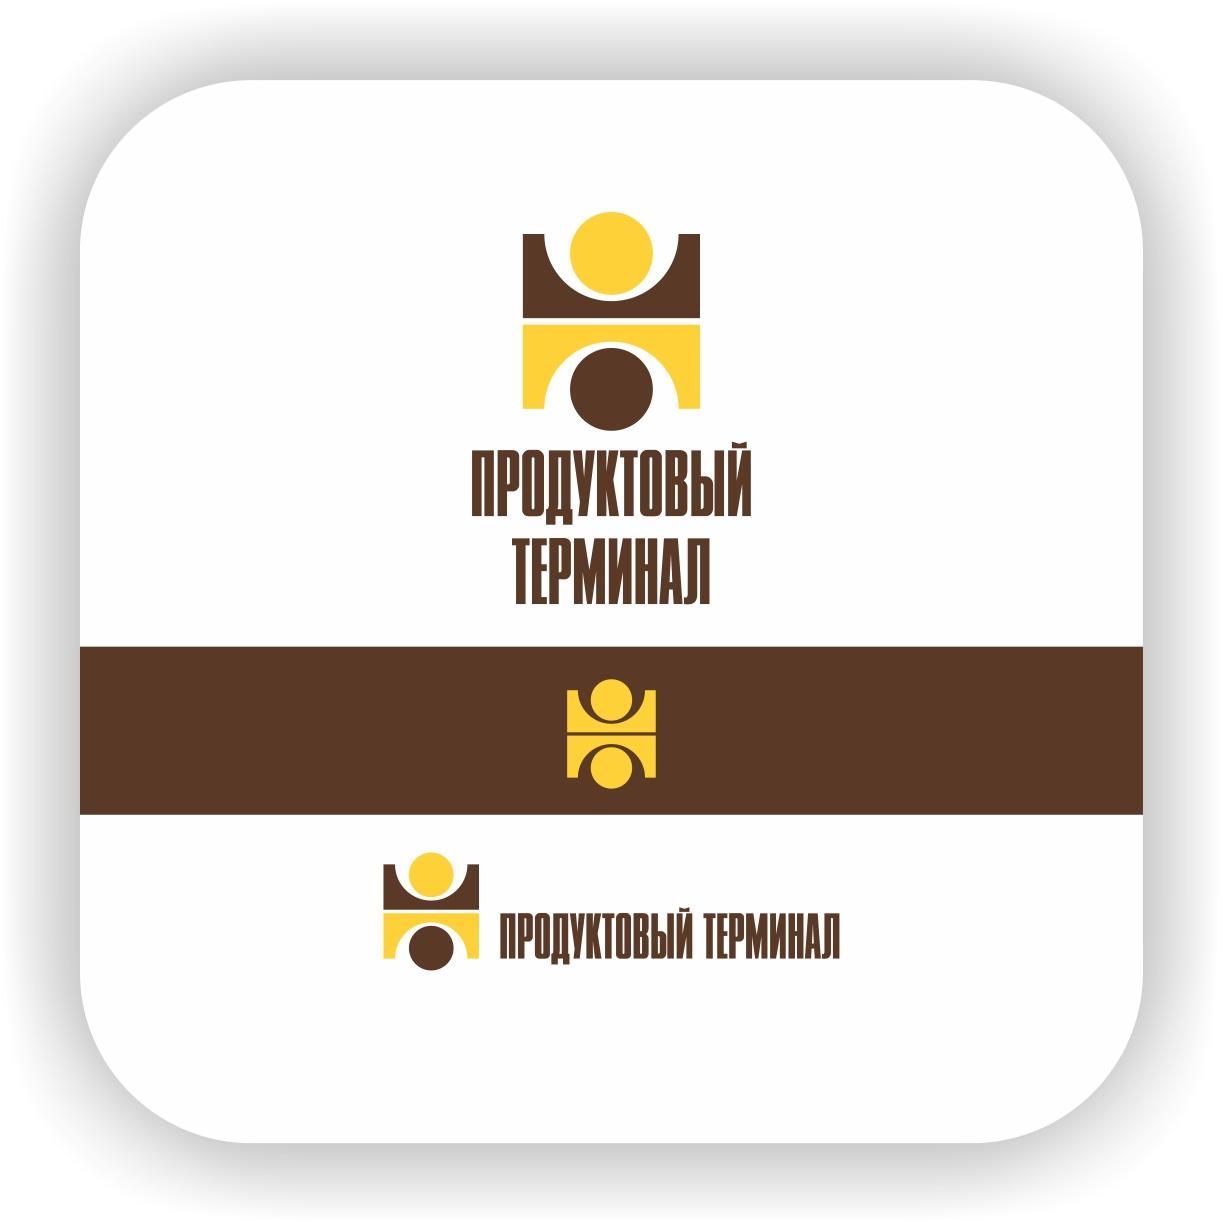 Логотип для сети продуктовых магазинов фото f_88356fa846a51f0c.jpg